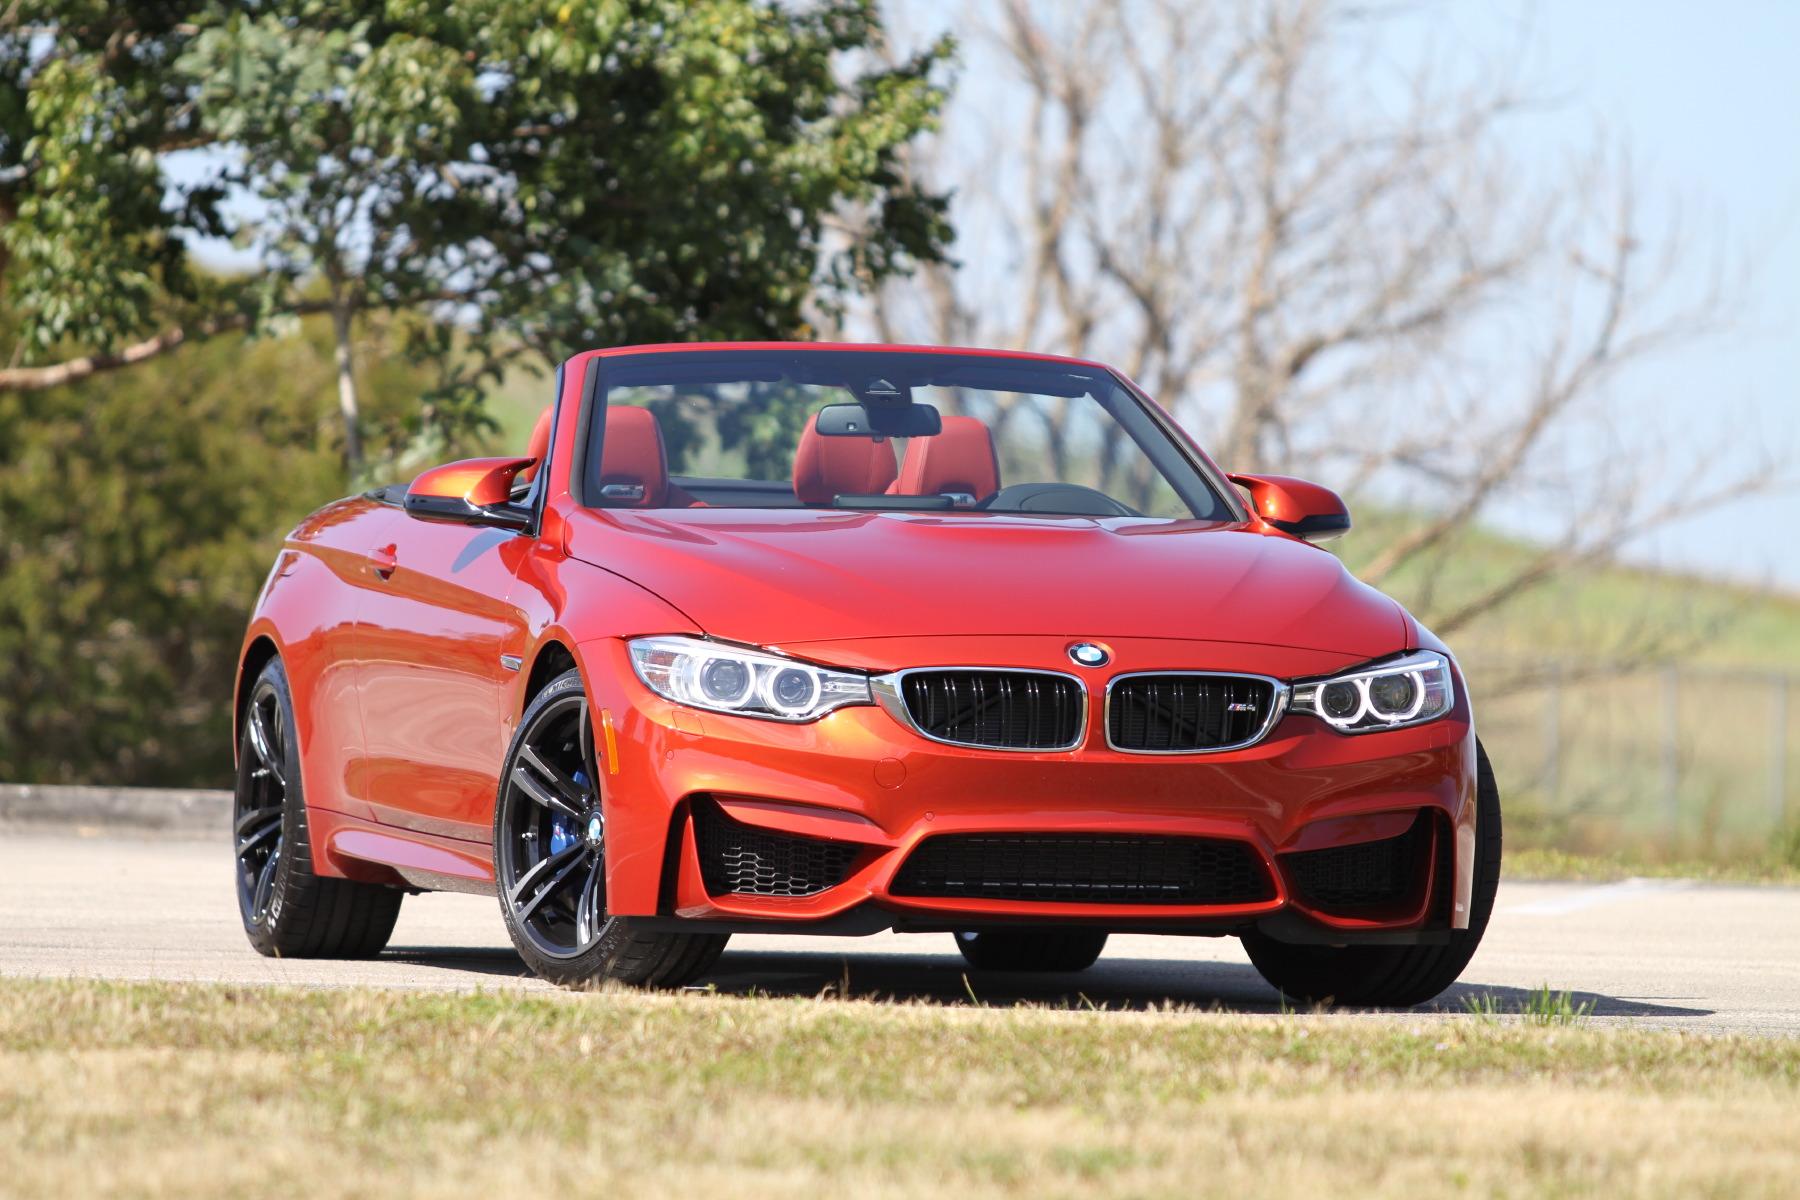 2015 BMW M4 Convertible 1/4 Mile, 0-60 MPH Testing ...